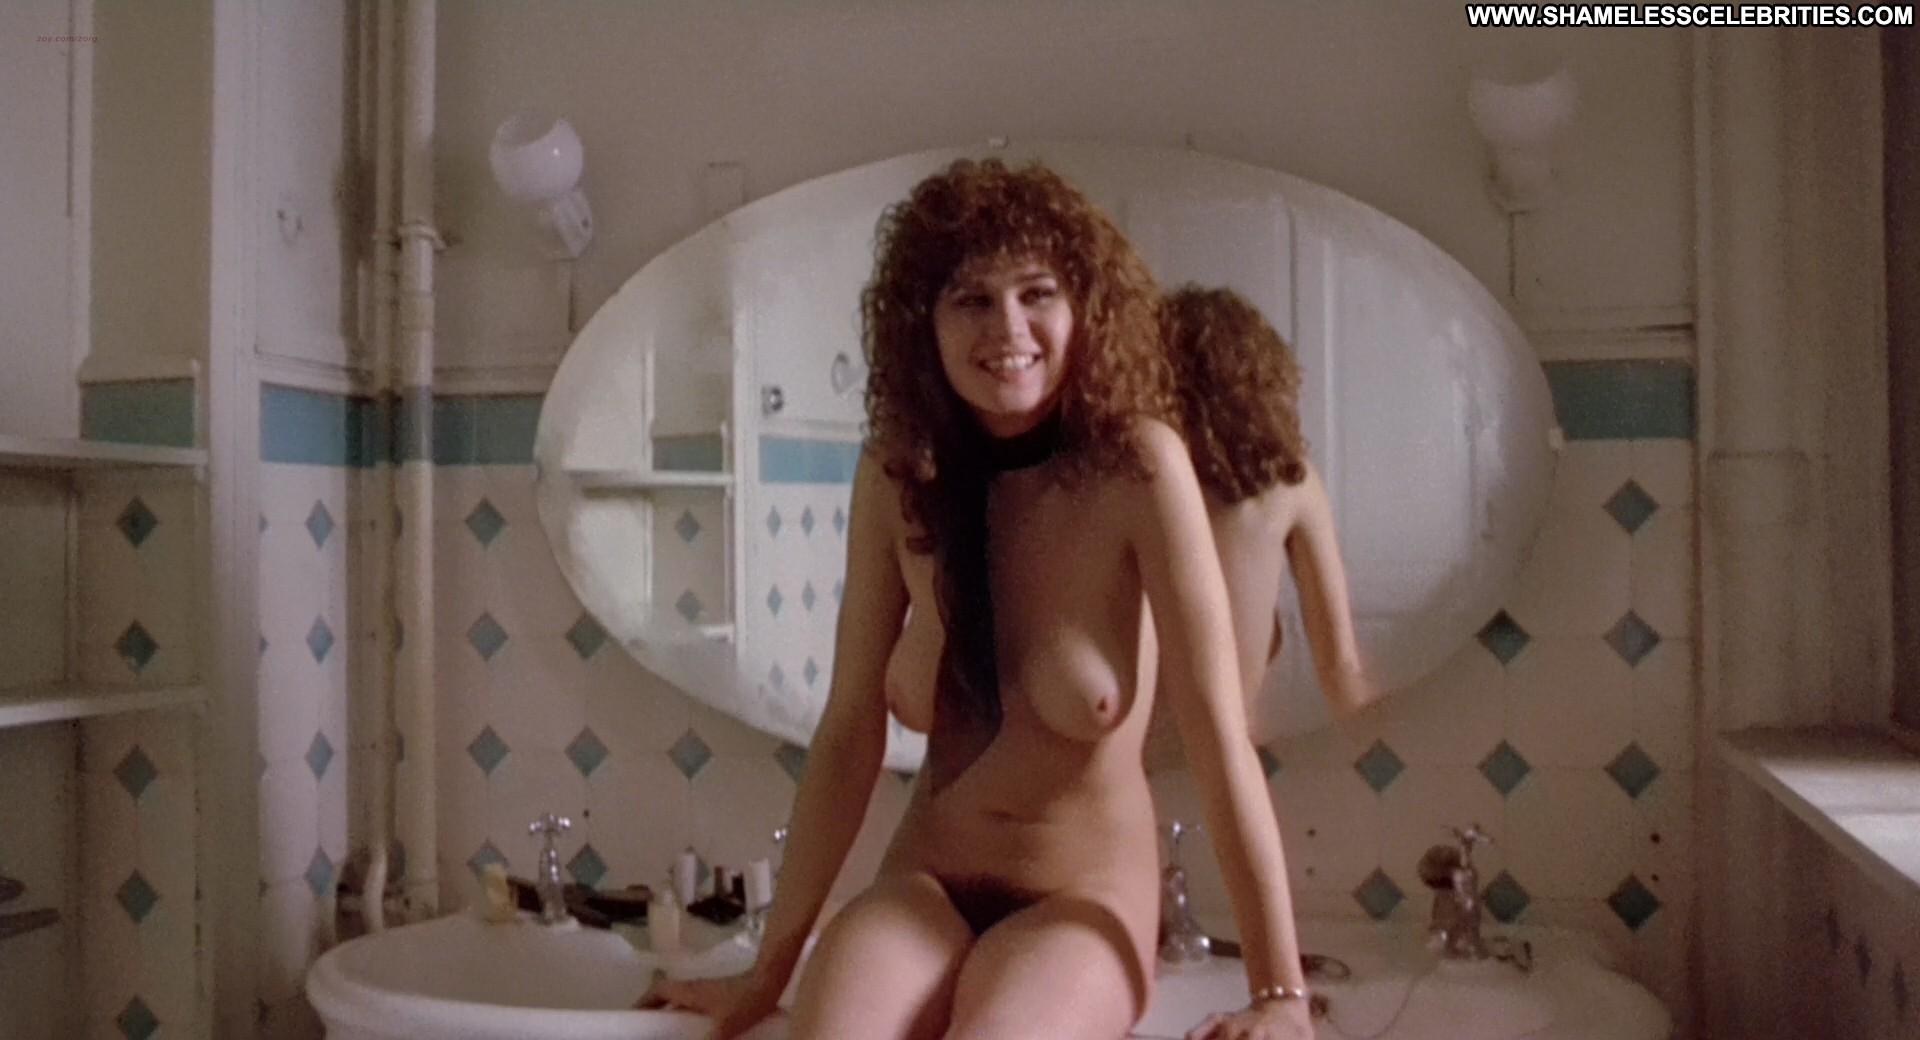 Maria schneider nude scene from last tango in paris 1